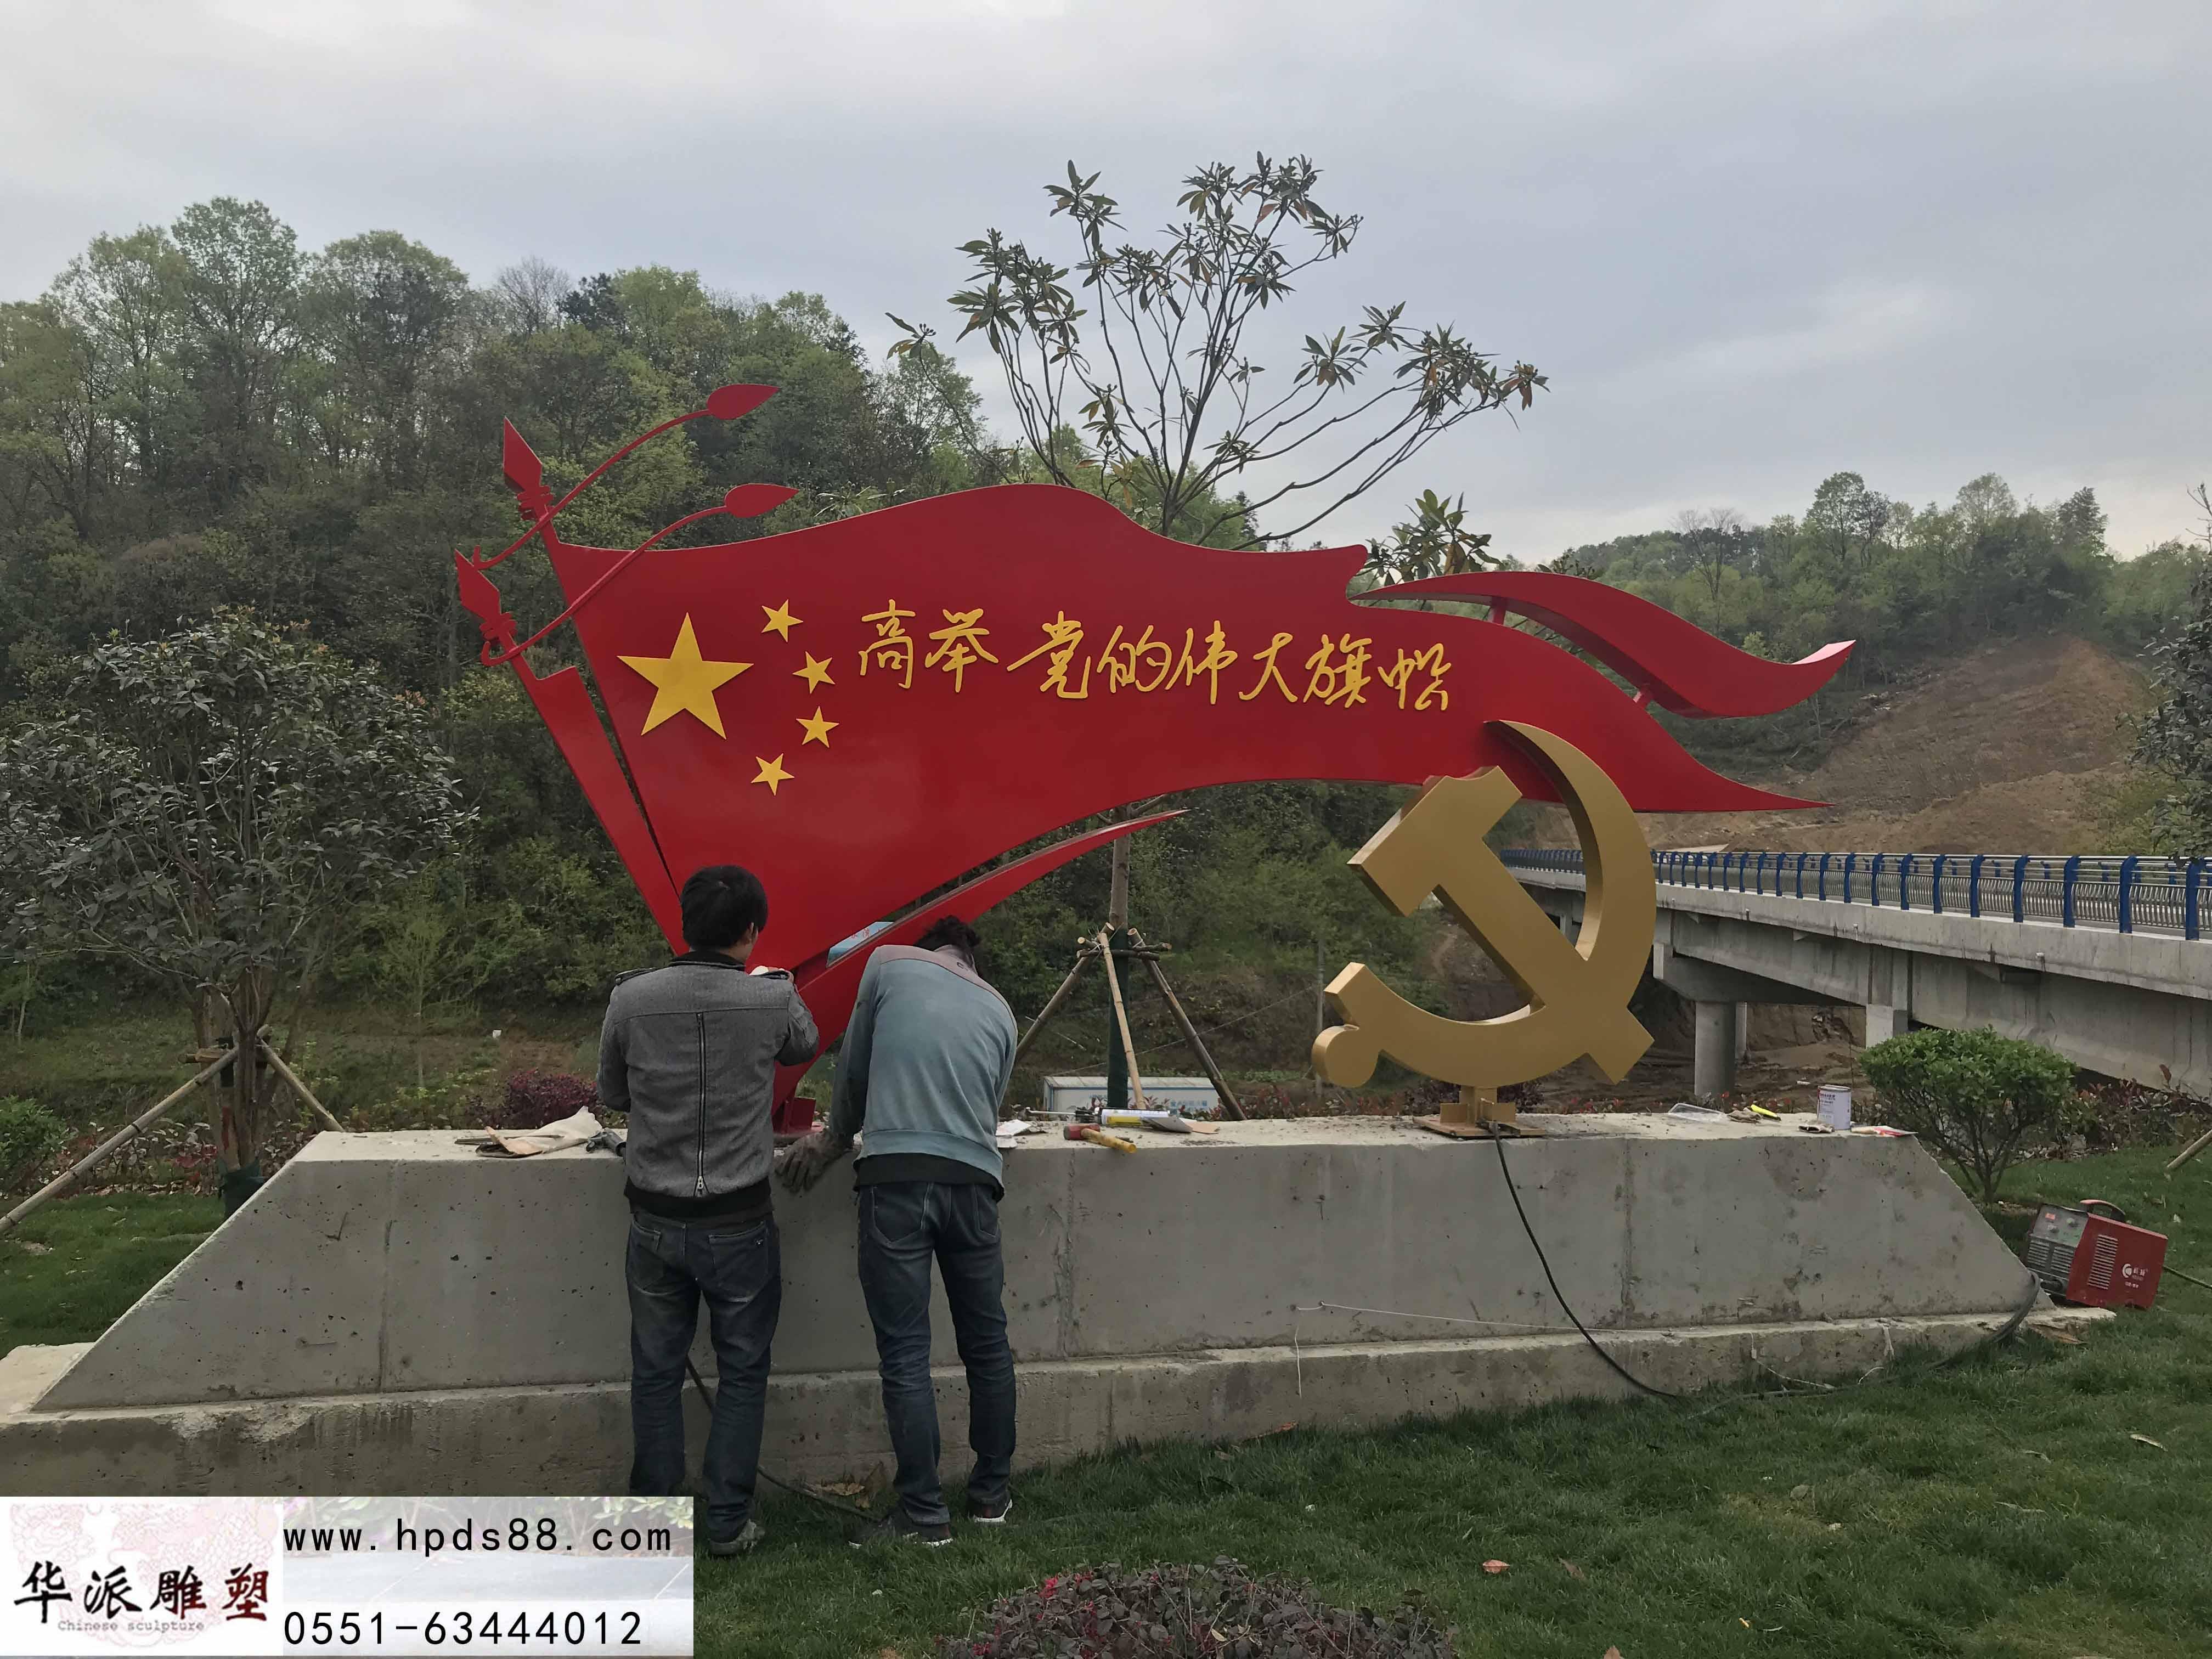 燕子河党建文化标识雕塑安装中...